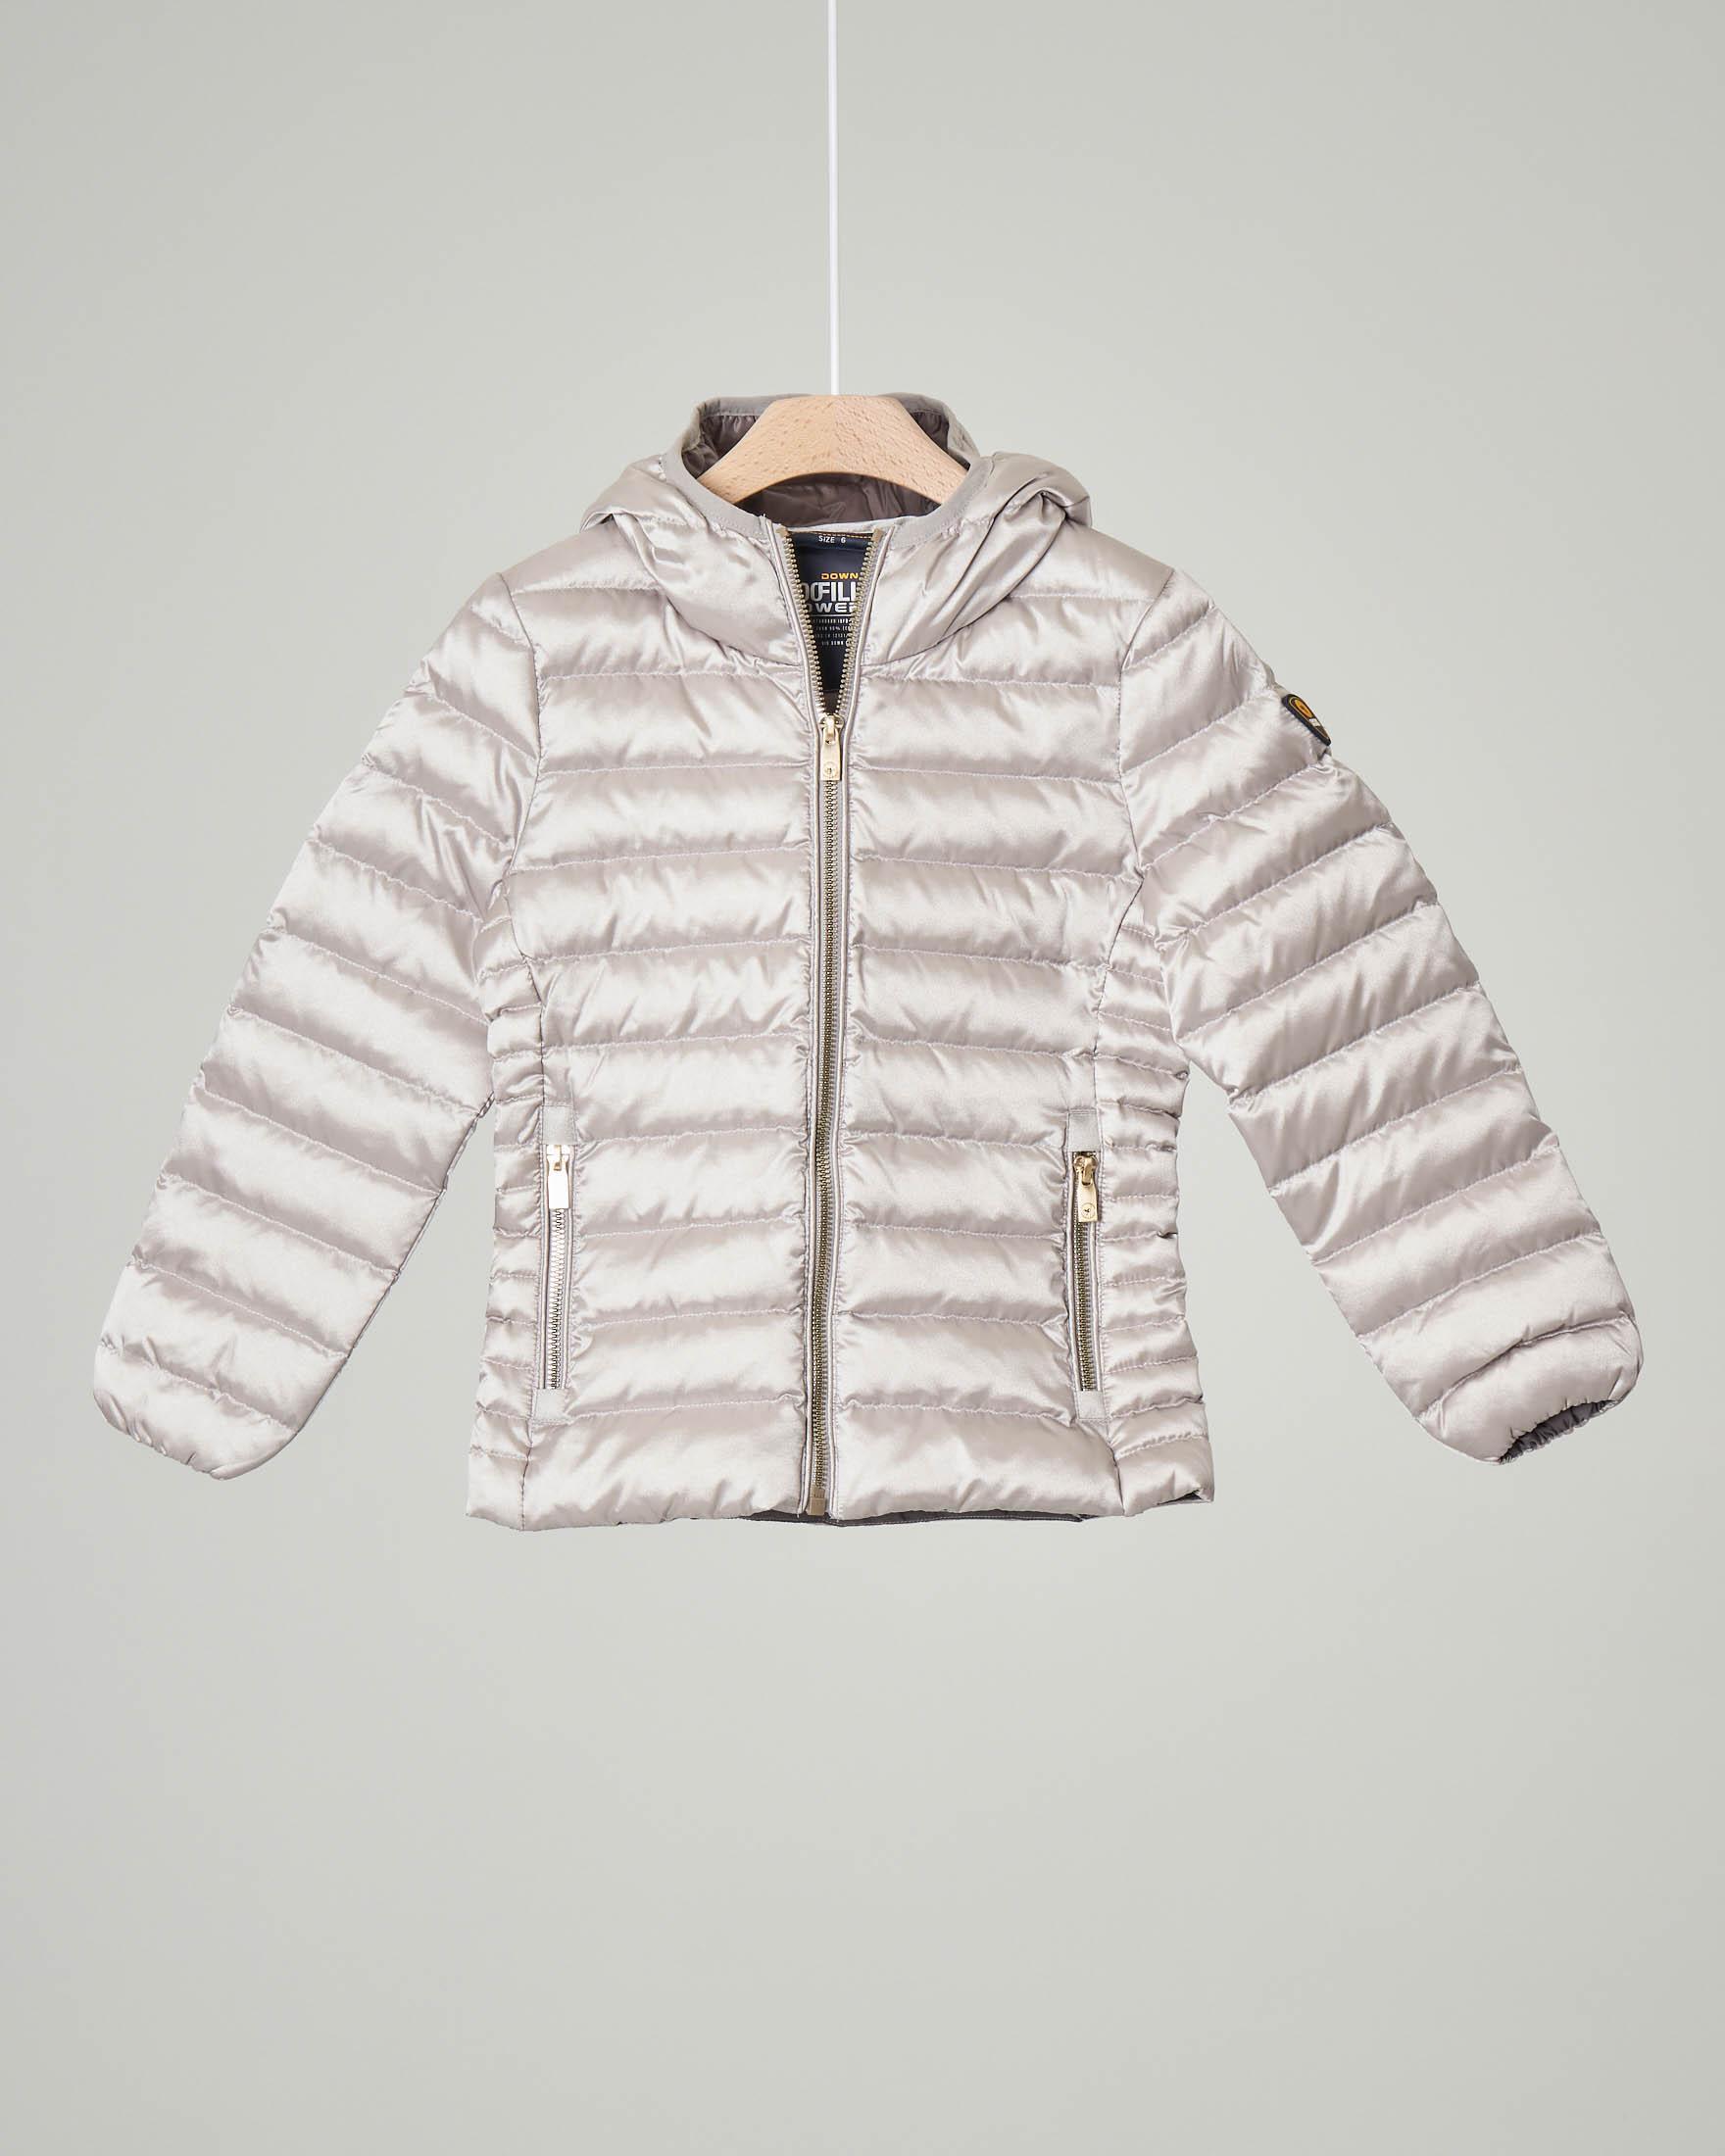 Piumino color argento con cappuccio 2-8 anni